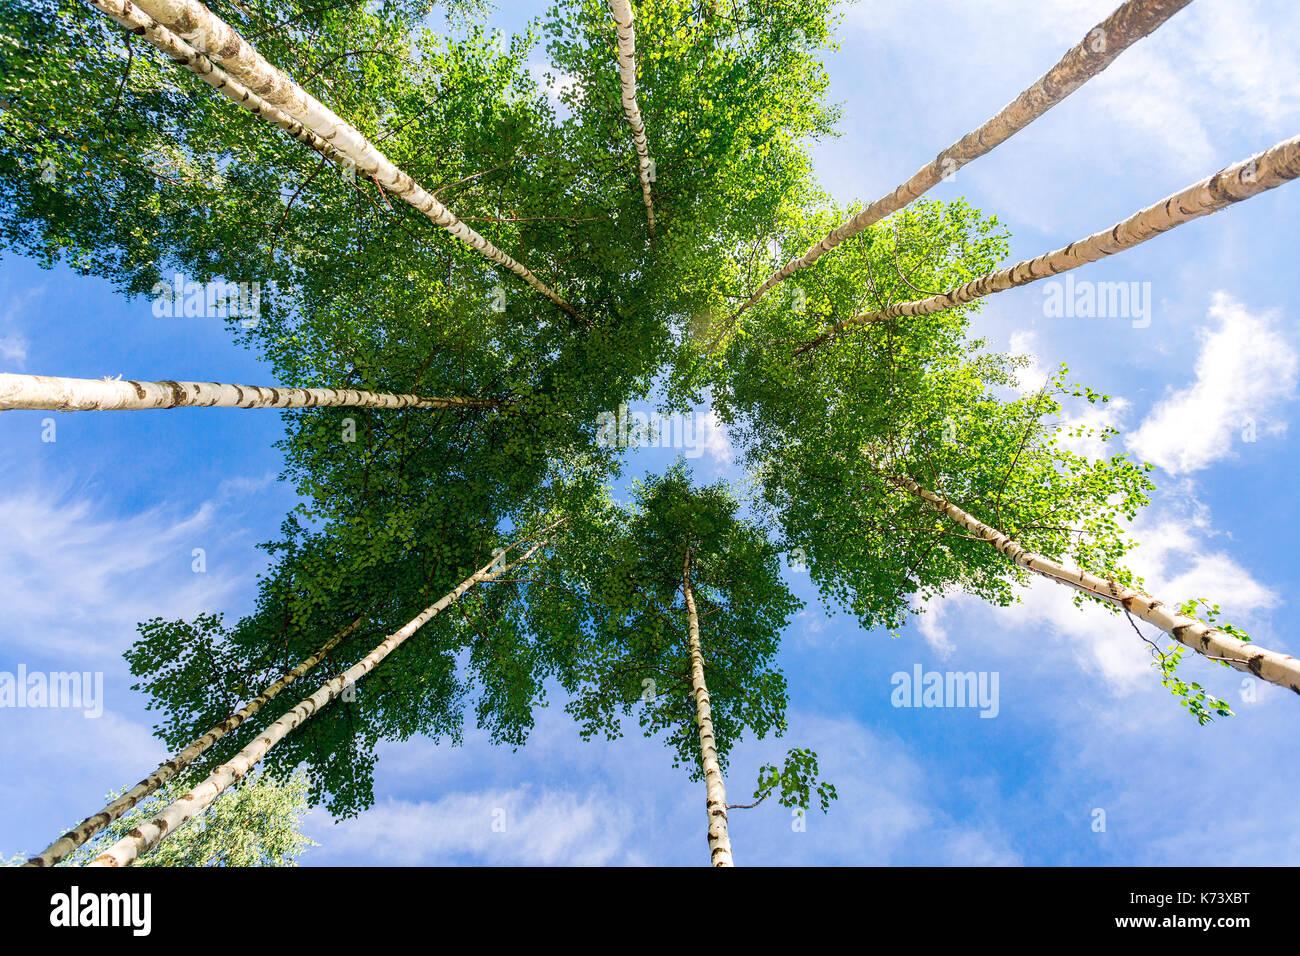 Kronen der hohen Birken über seinem Kopf in den Wald vor blauem Himmel. Die wilde Natur der Wälder. Laubwald im Sommer Stockbild